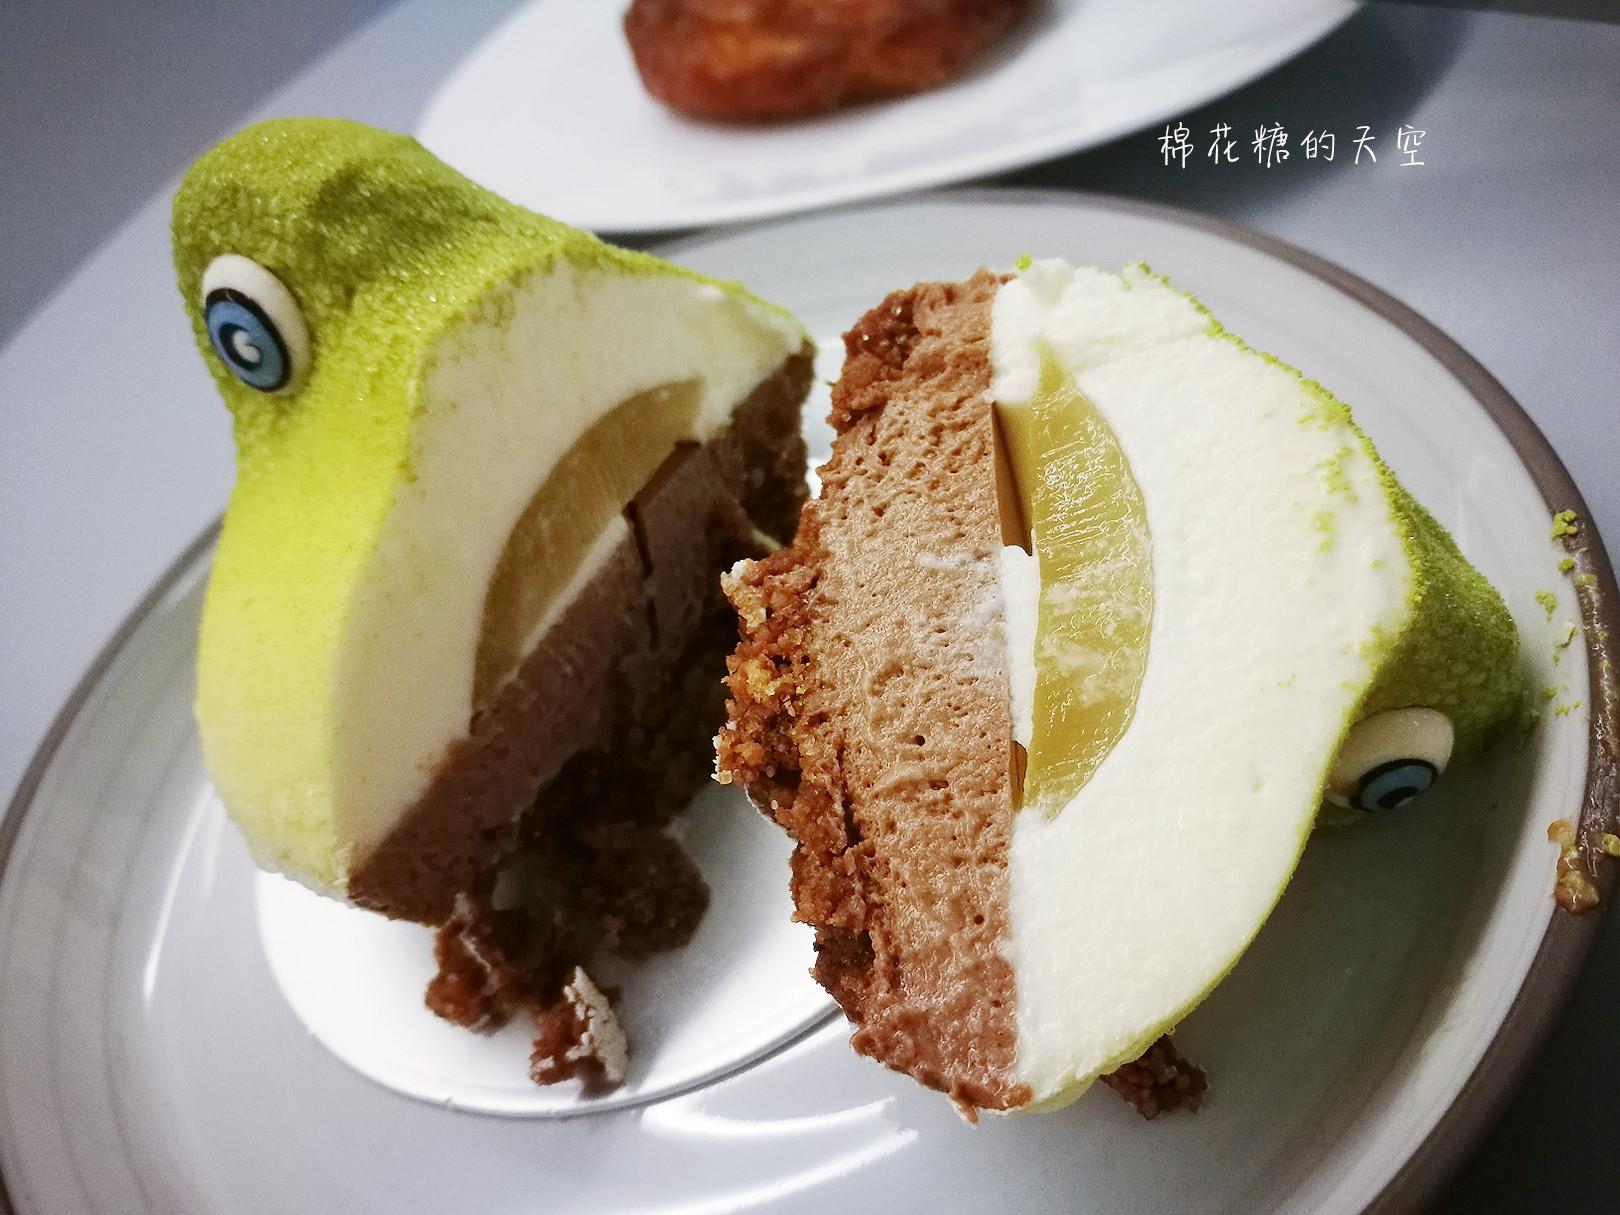 旅行青蛙化身甜點,再不回家我就把你吃掉!台中CJSJ超萌新甜點